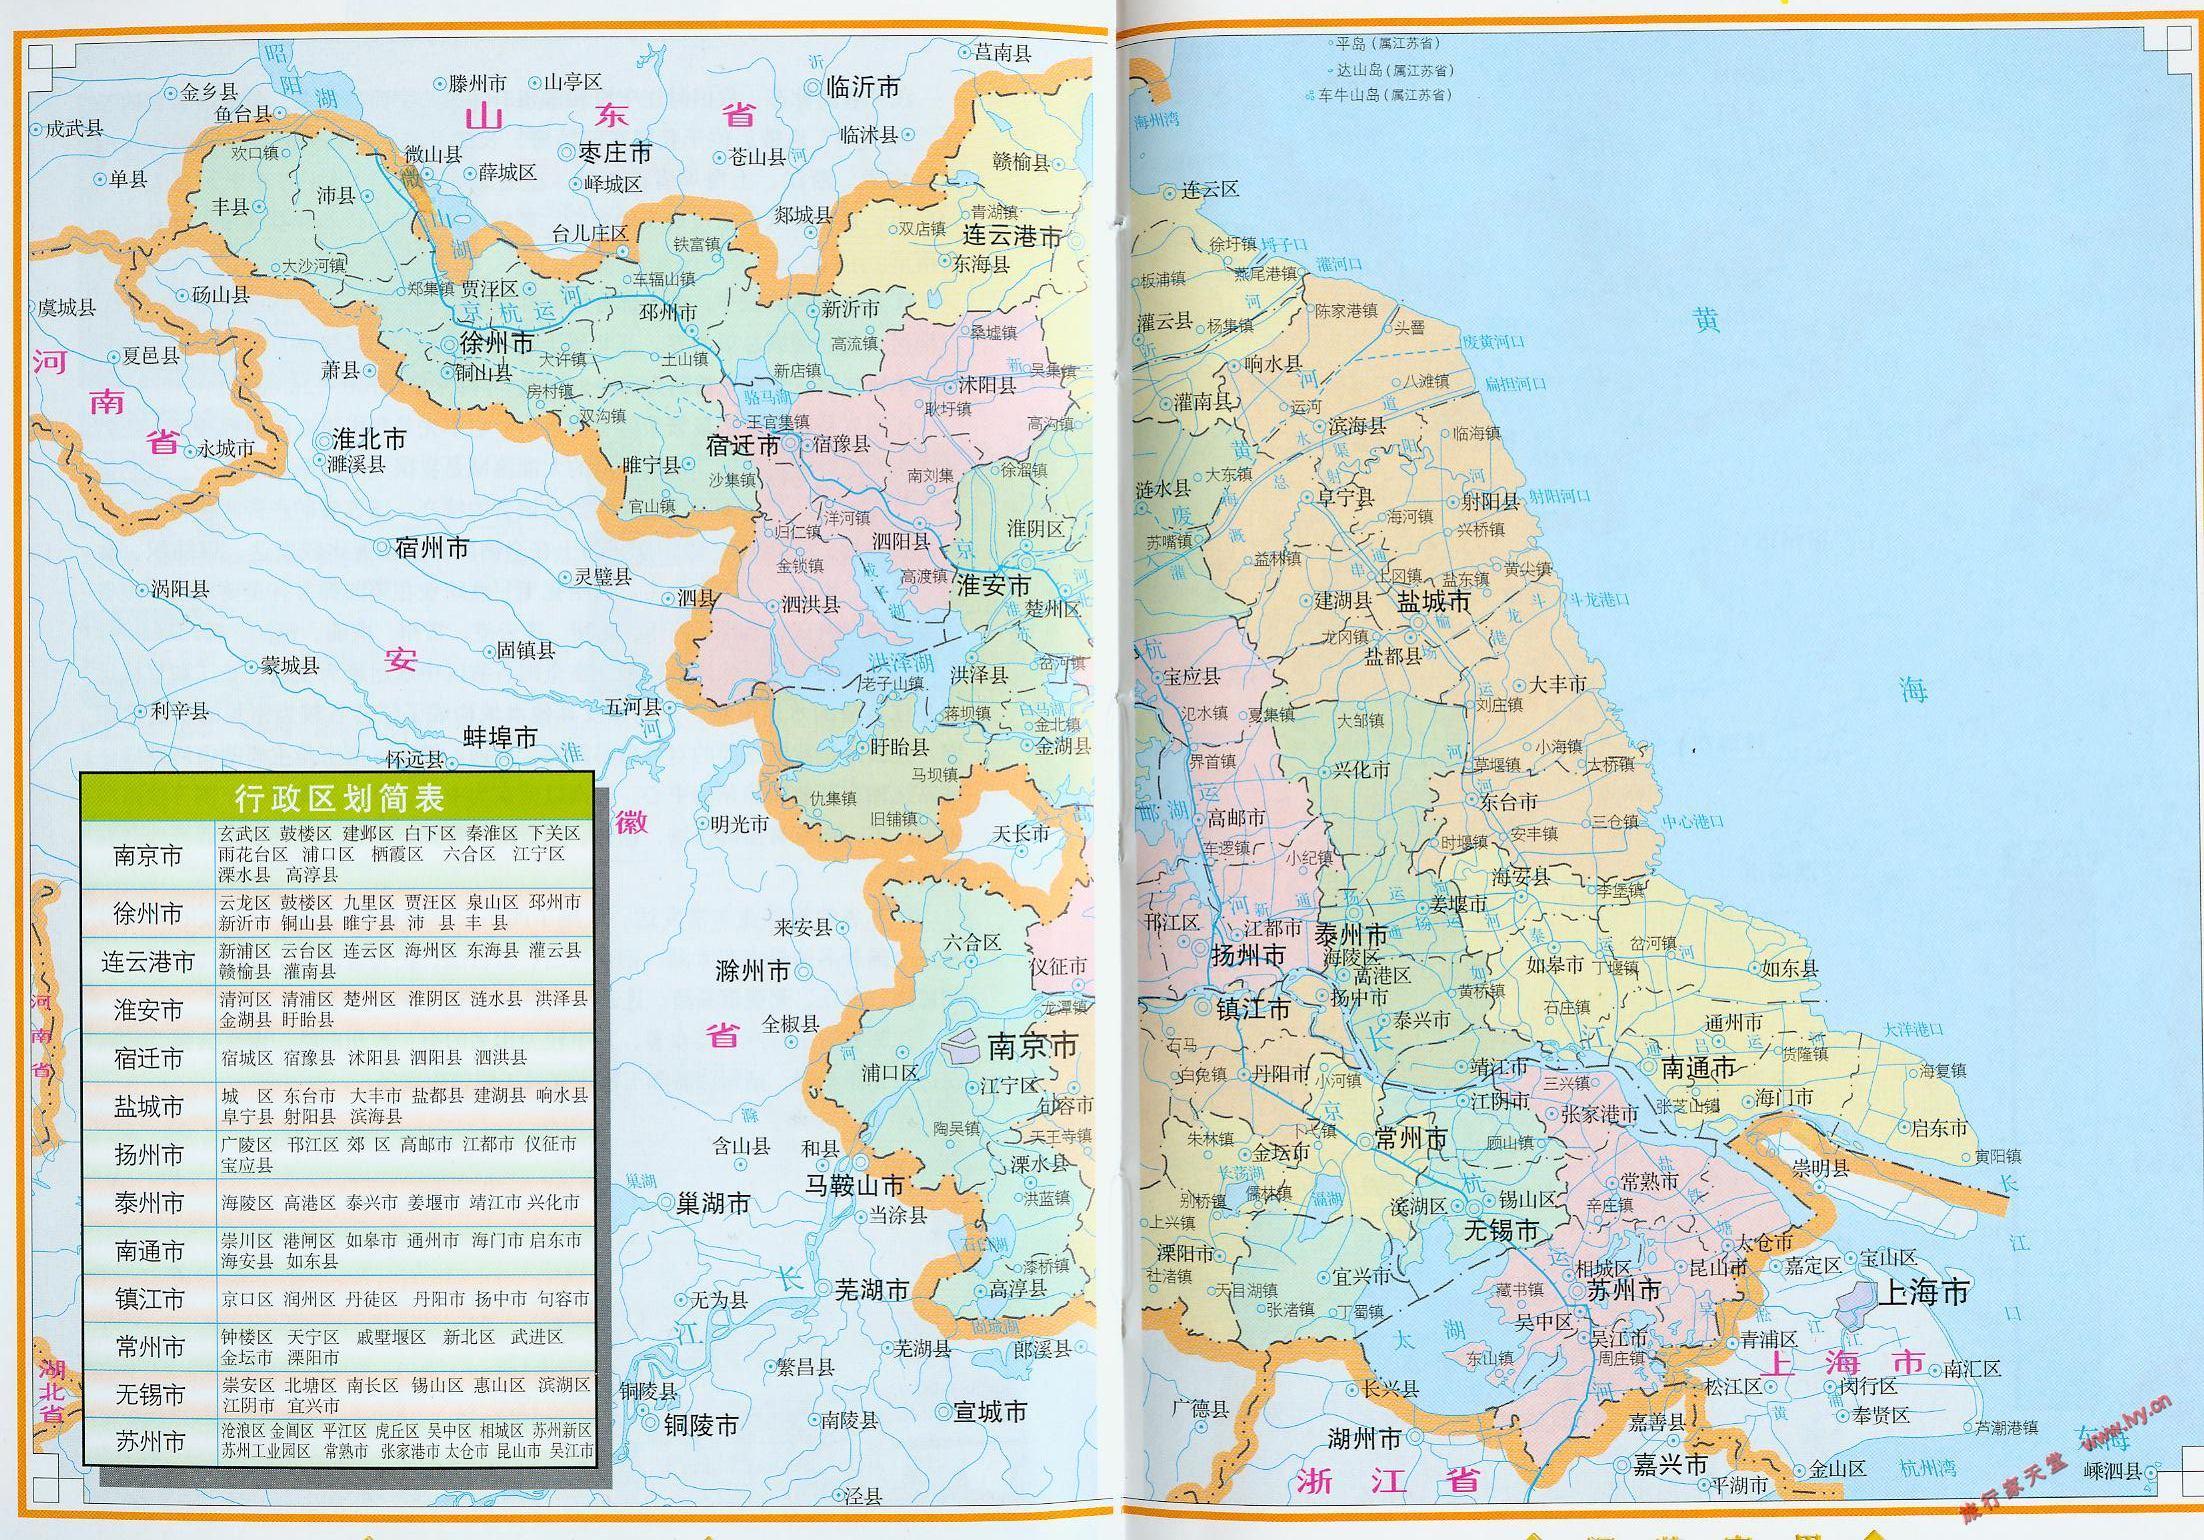 江苏省行政区划地图